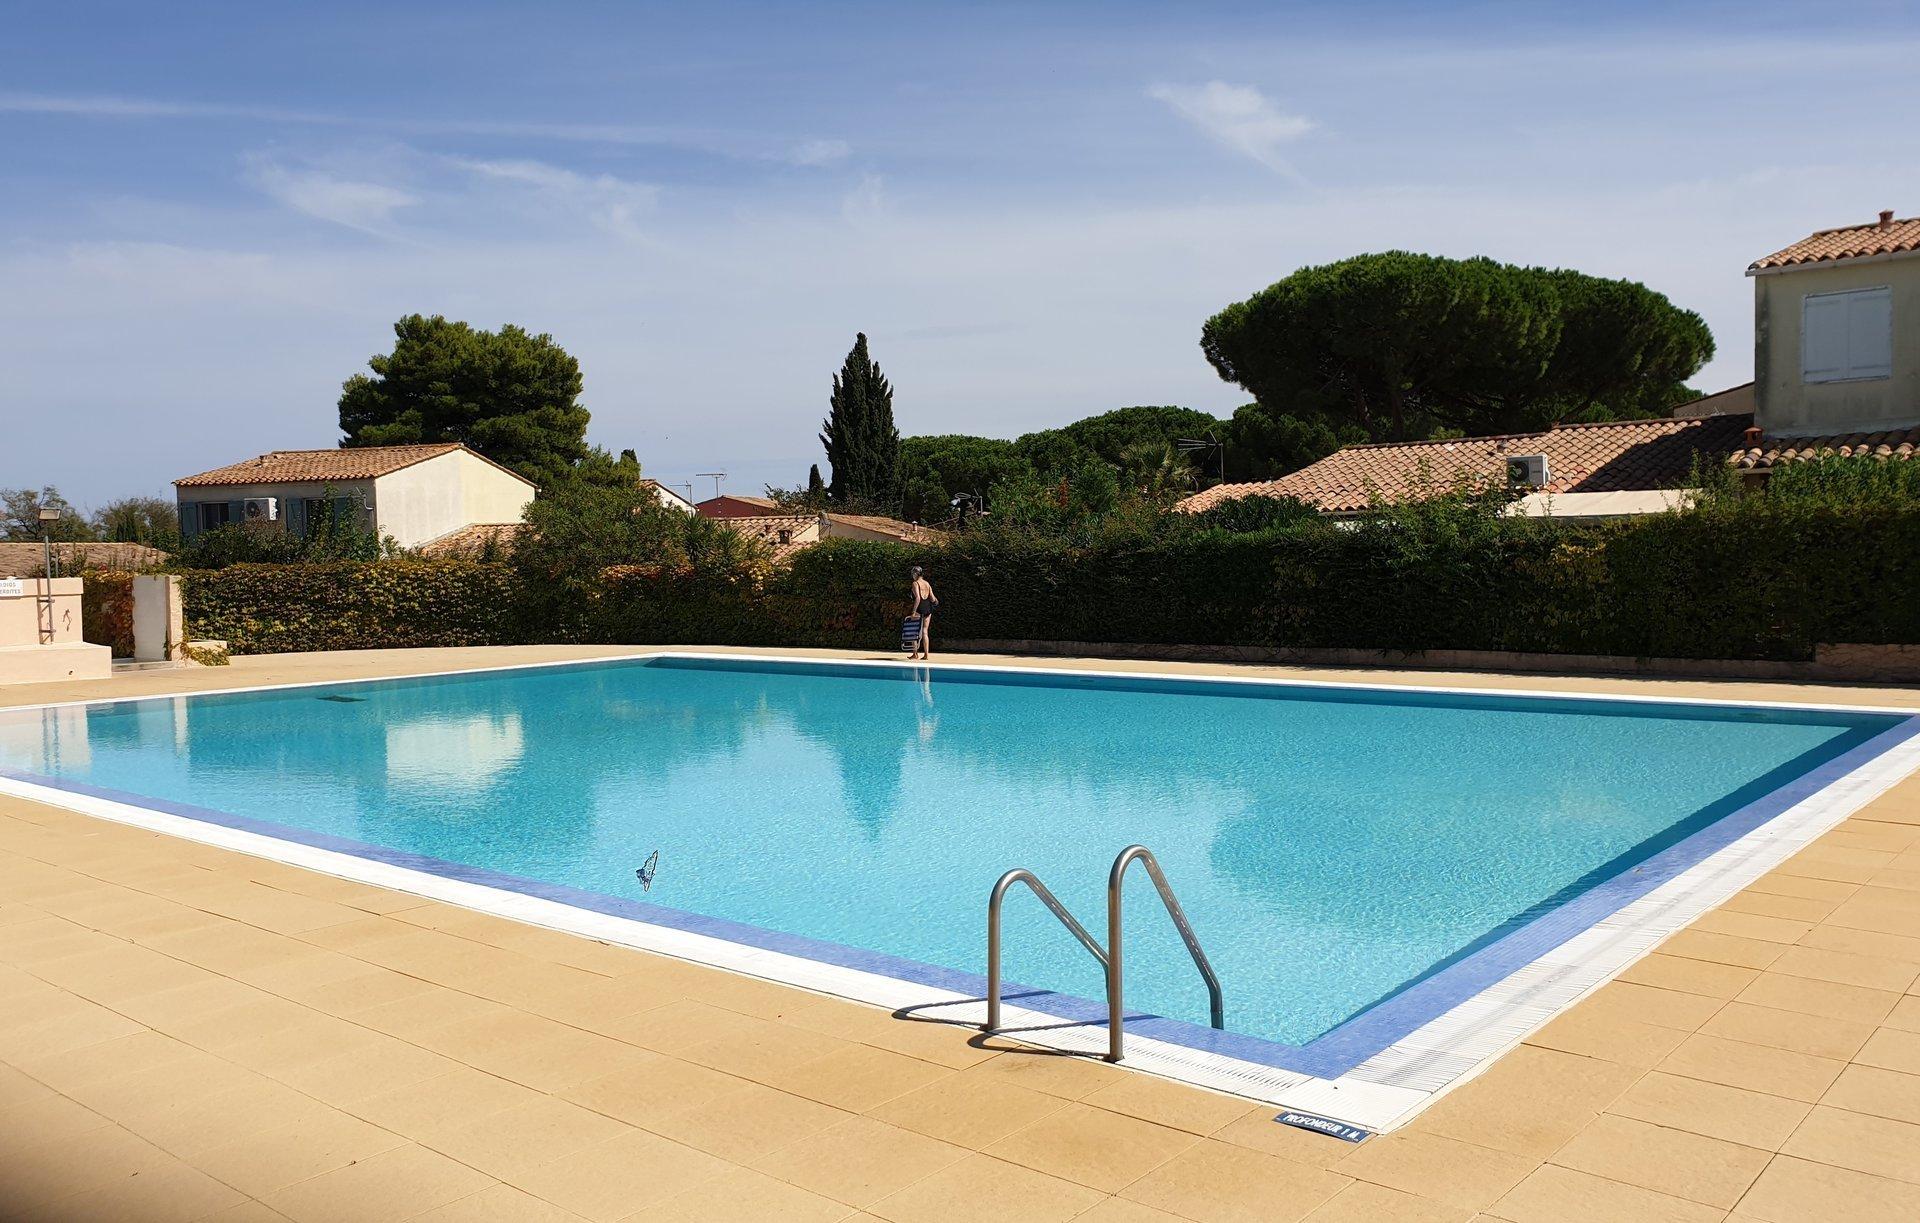 Maison T2 avec cabine, jardin, parking et piscine